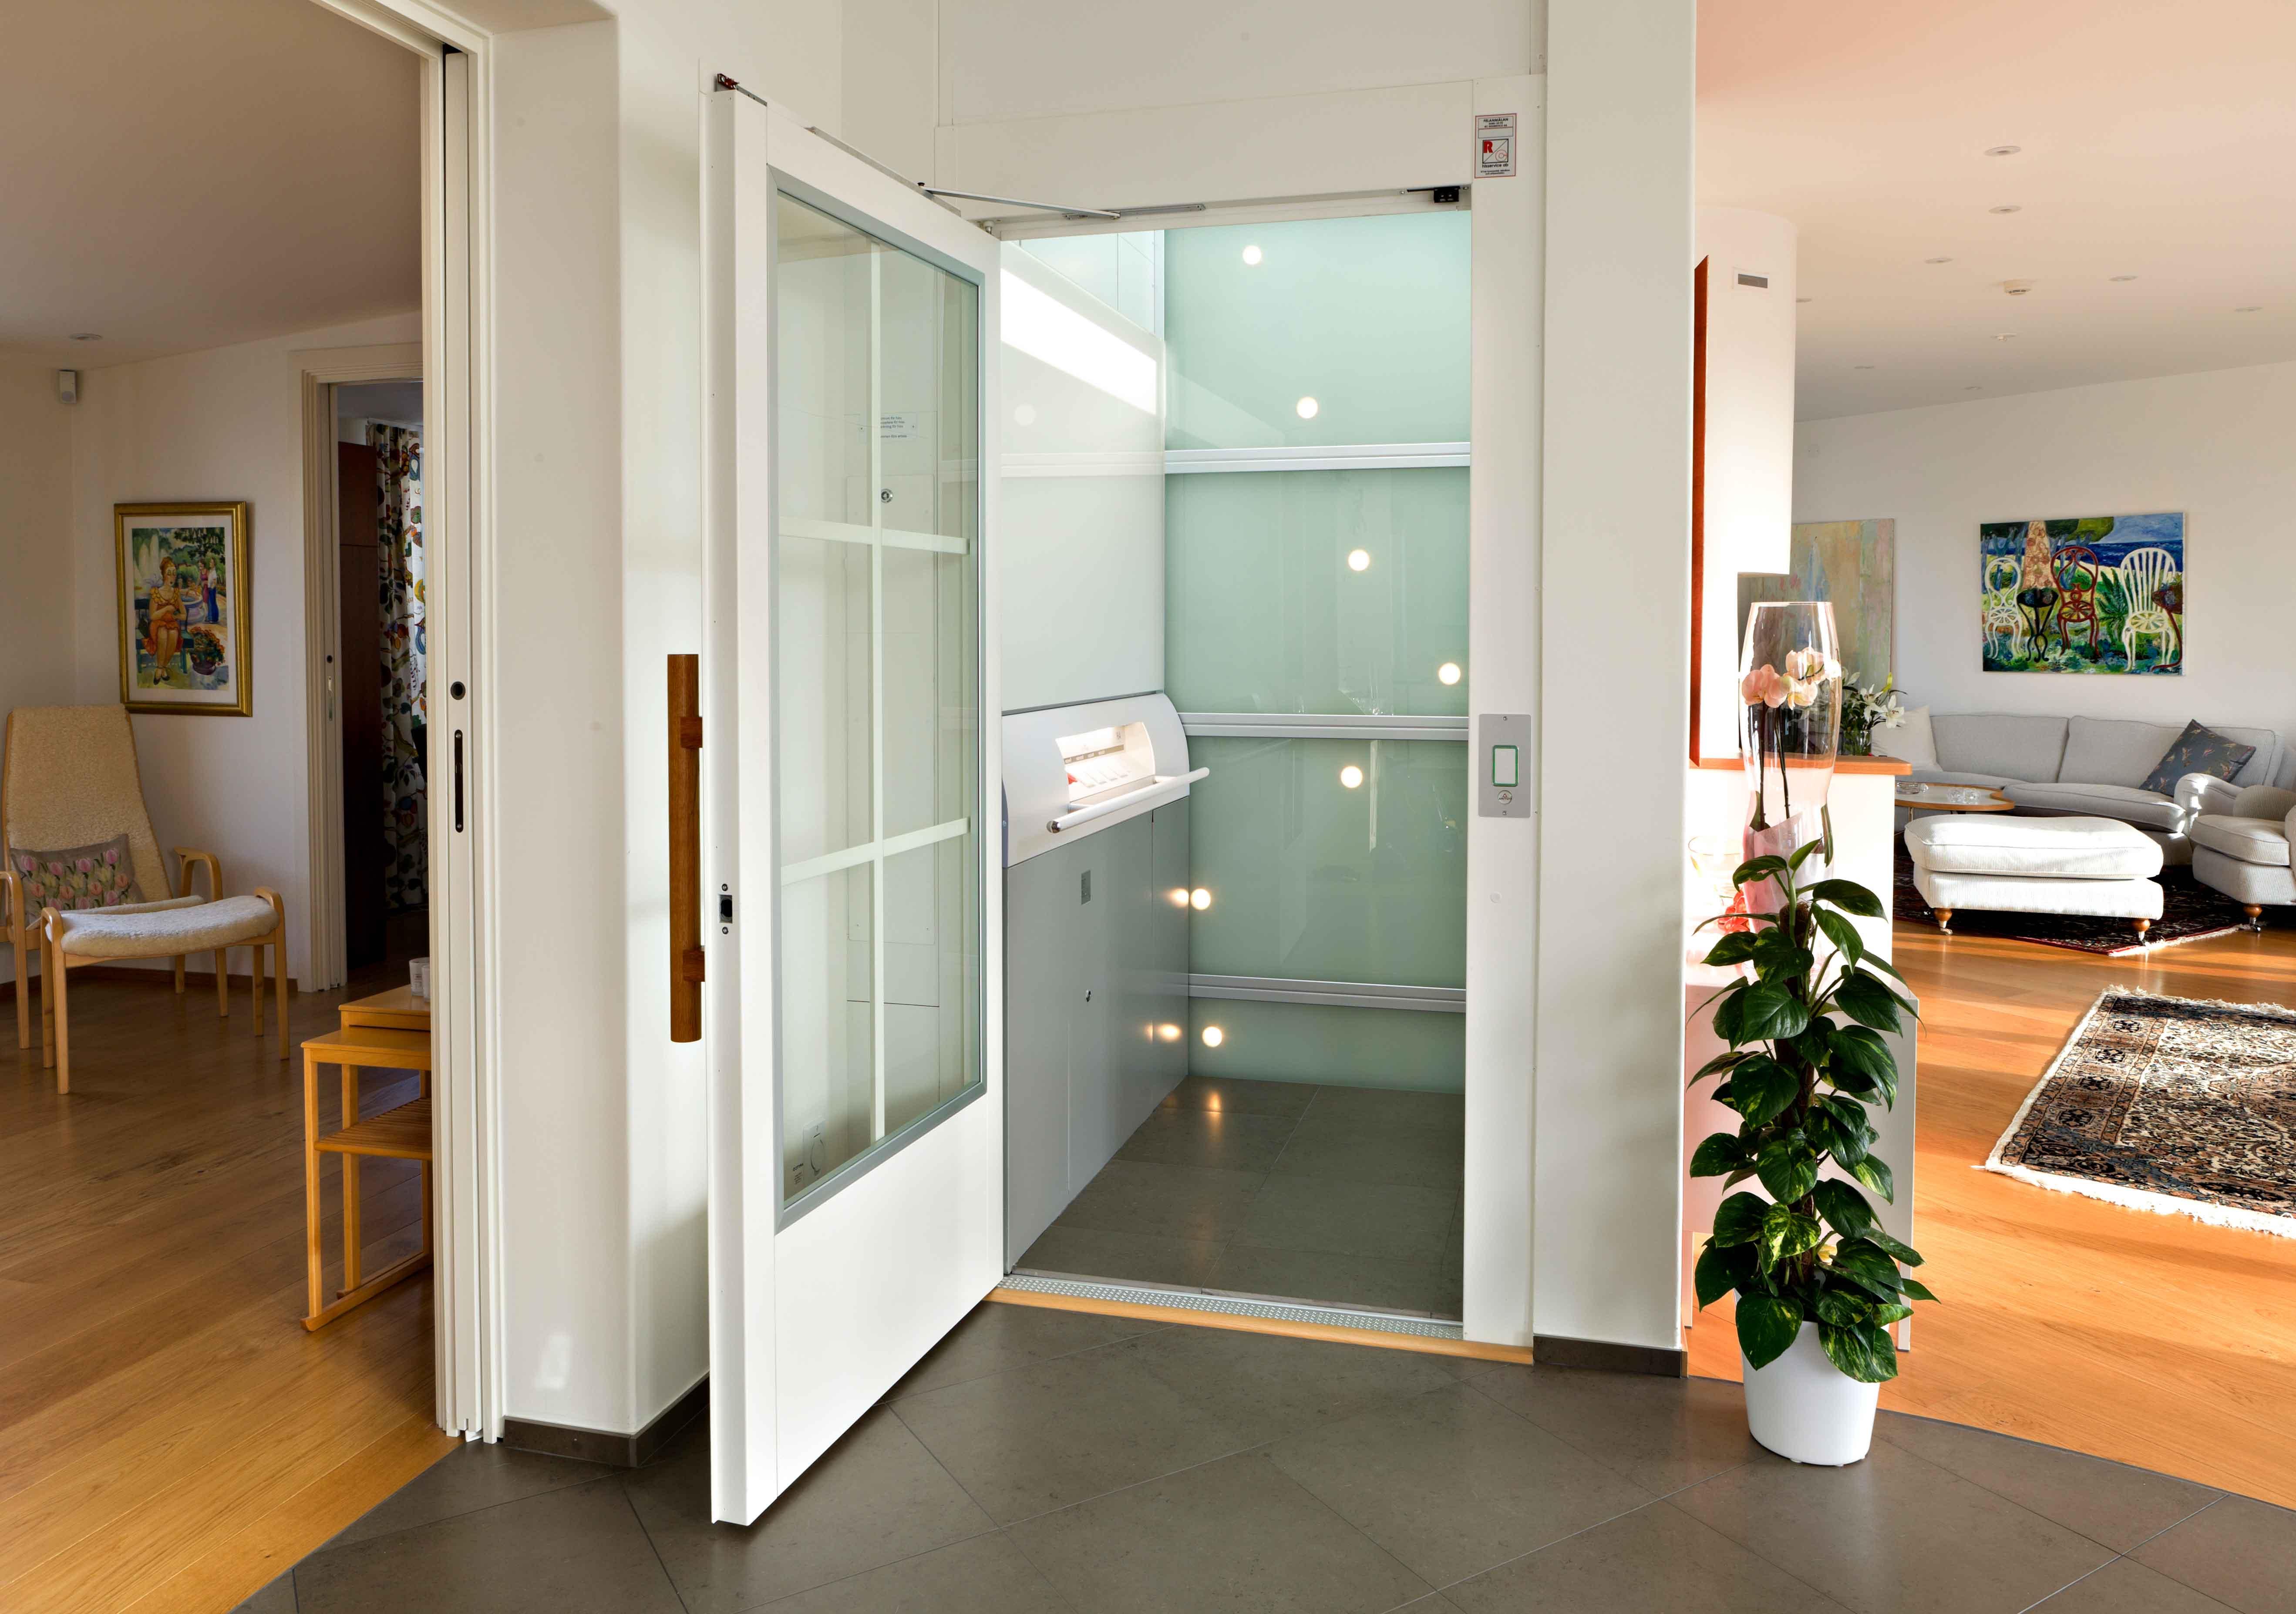 Home lift with open door in hallway